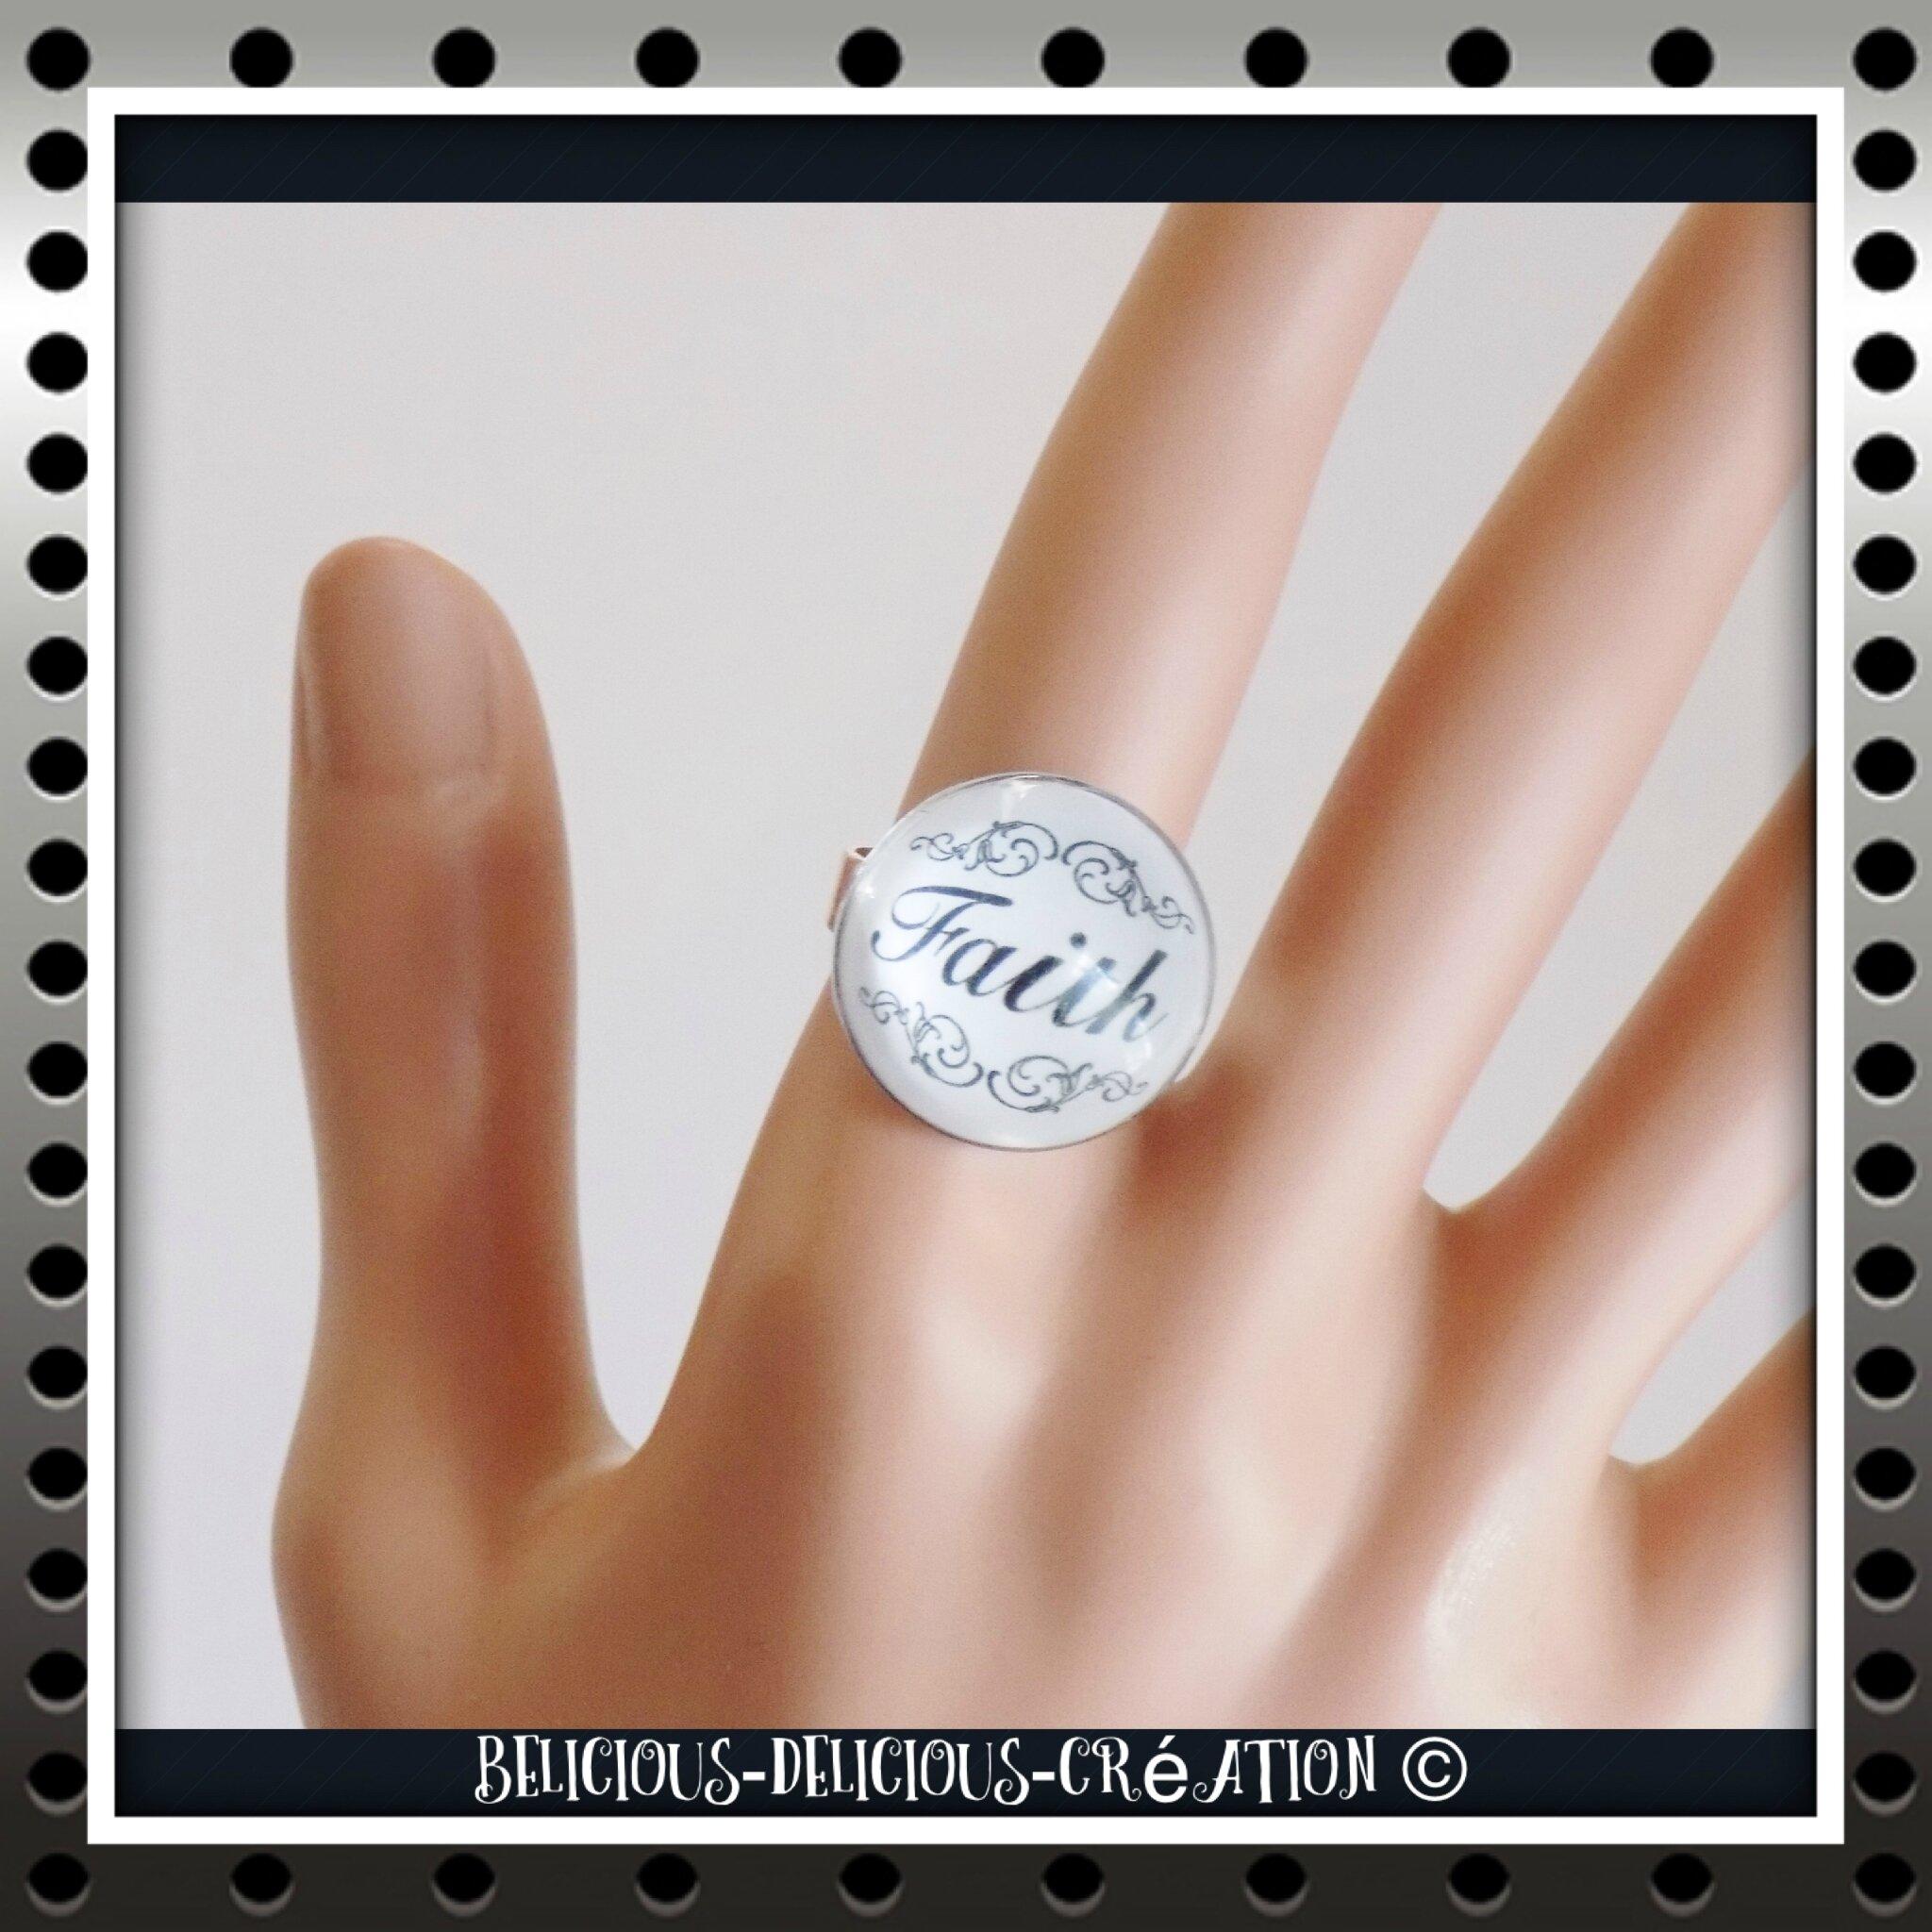 Original Bague !! FAITH !! noir En Verre et Metal Bague anneau réglable BELICIOUS-DELICIOUS CREATION